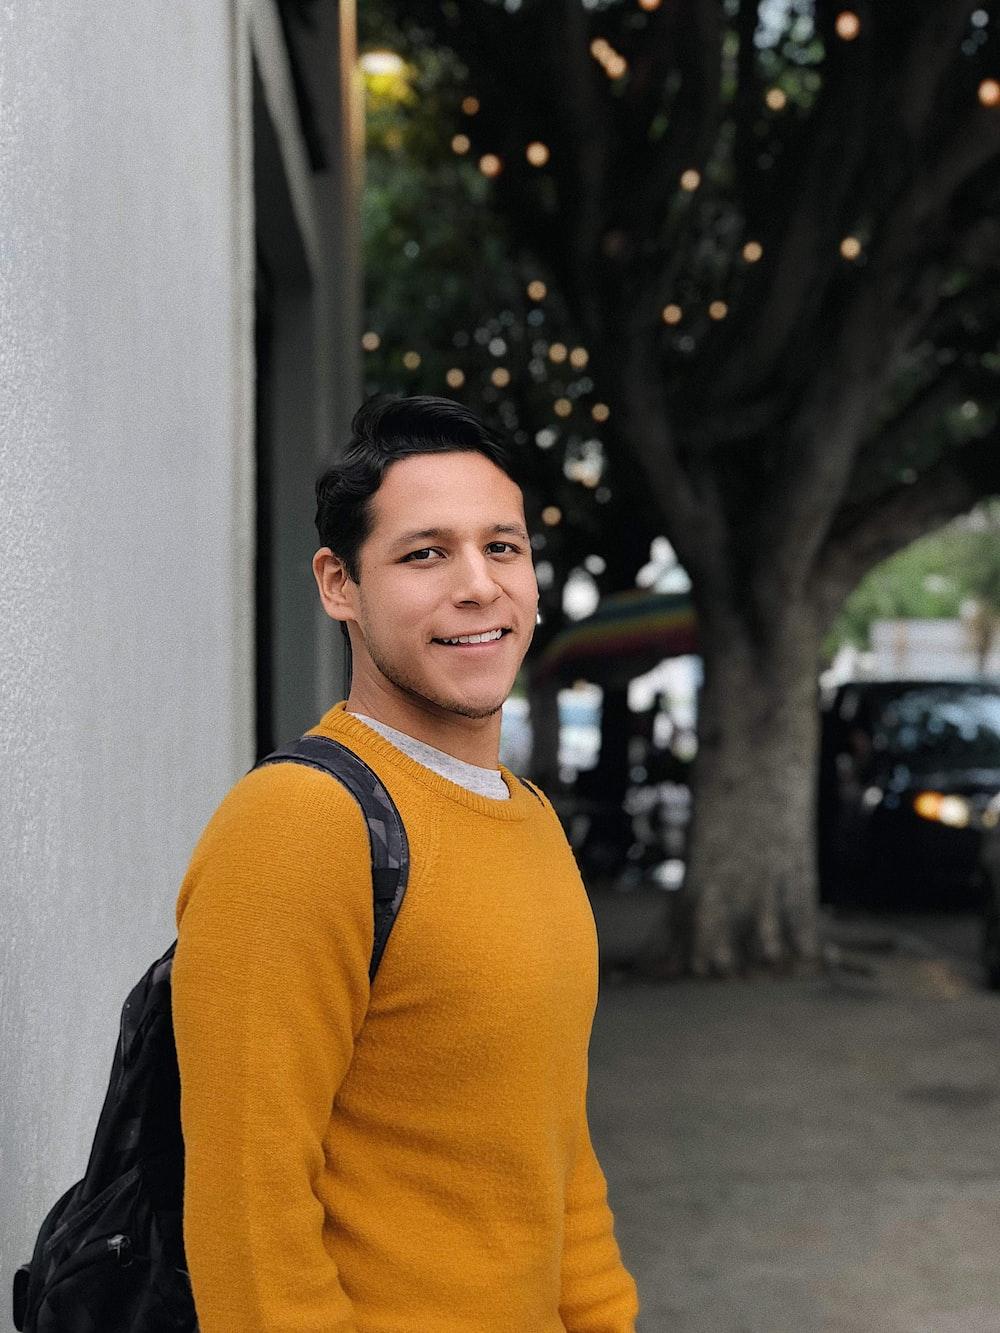 man wearing orange crew-neck sweater